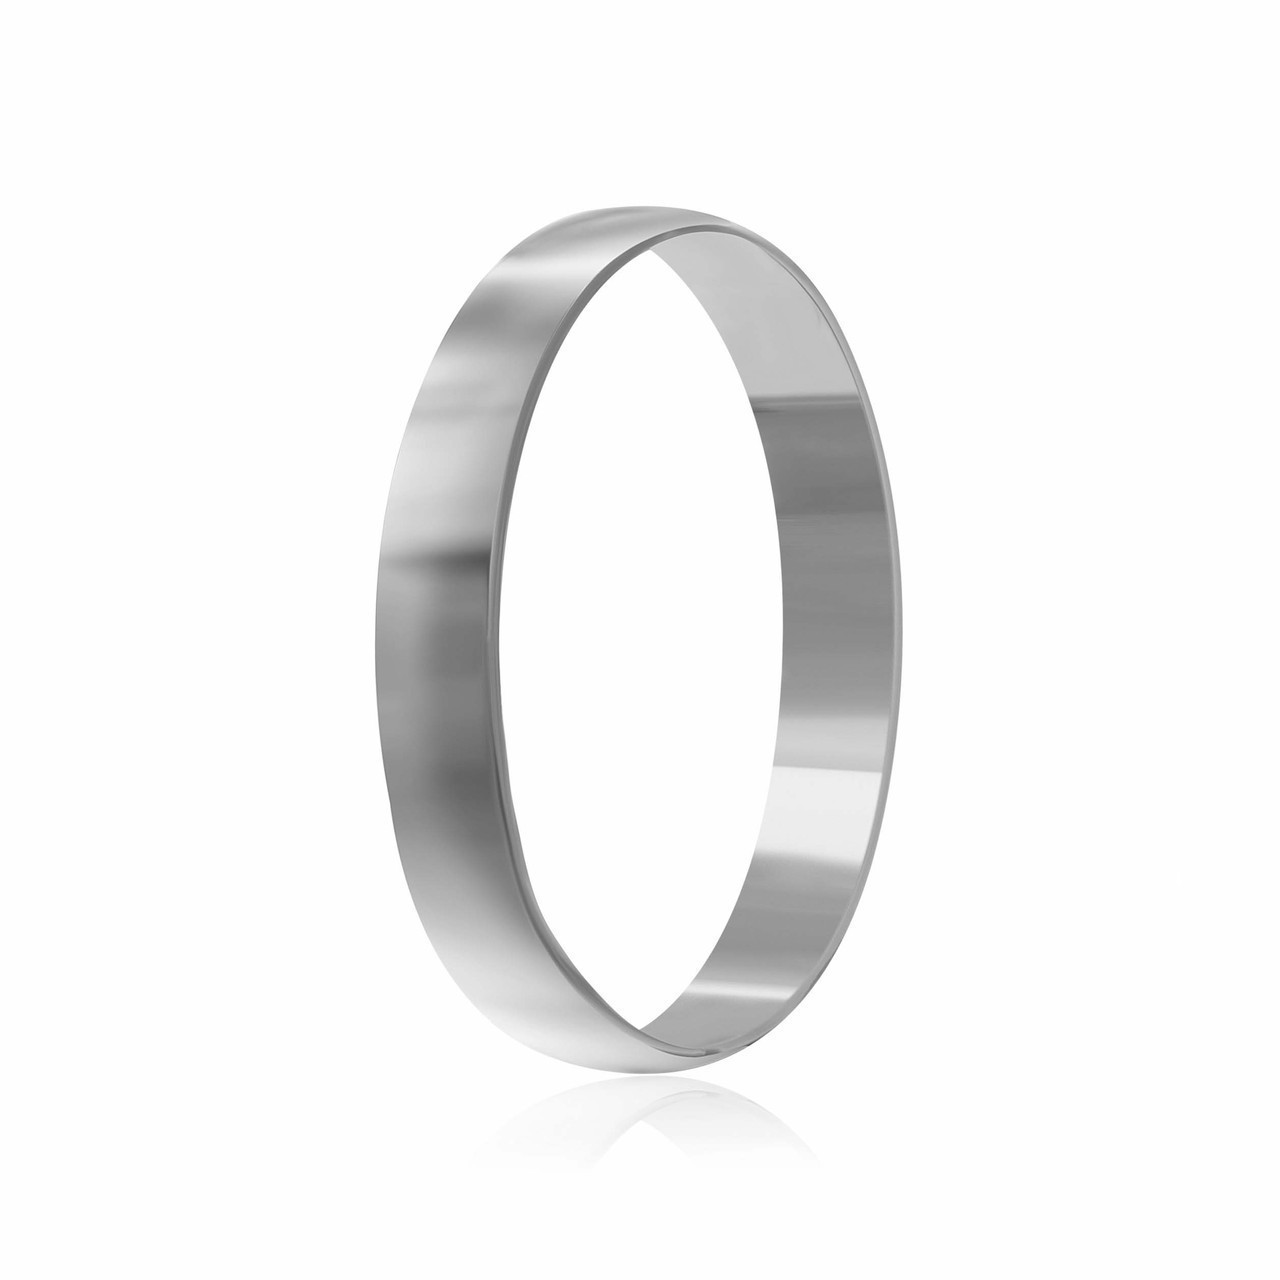 Обручальное кольцо серебряное К2/801 - 16,5